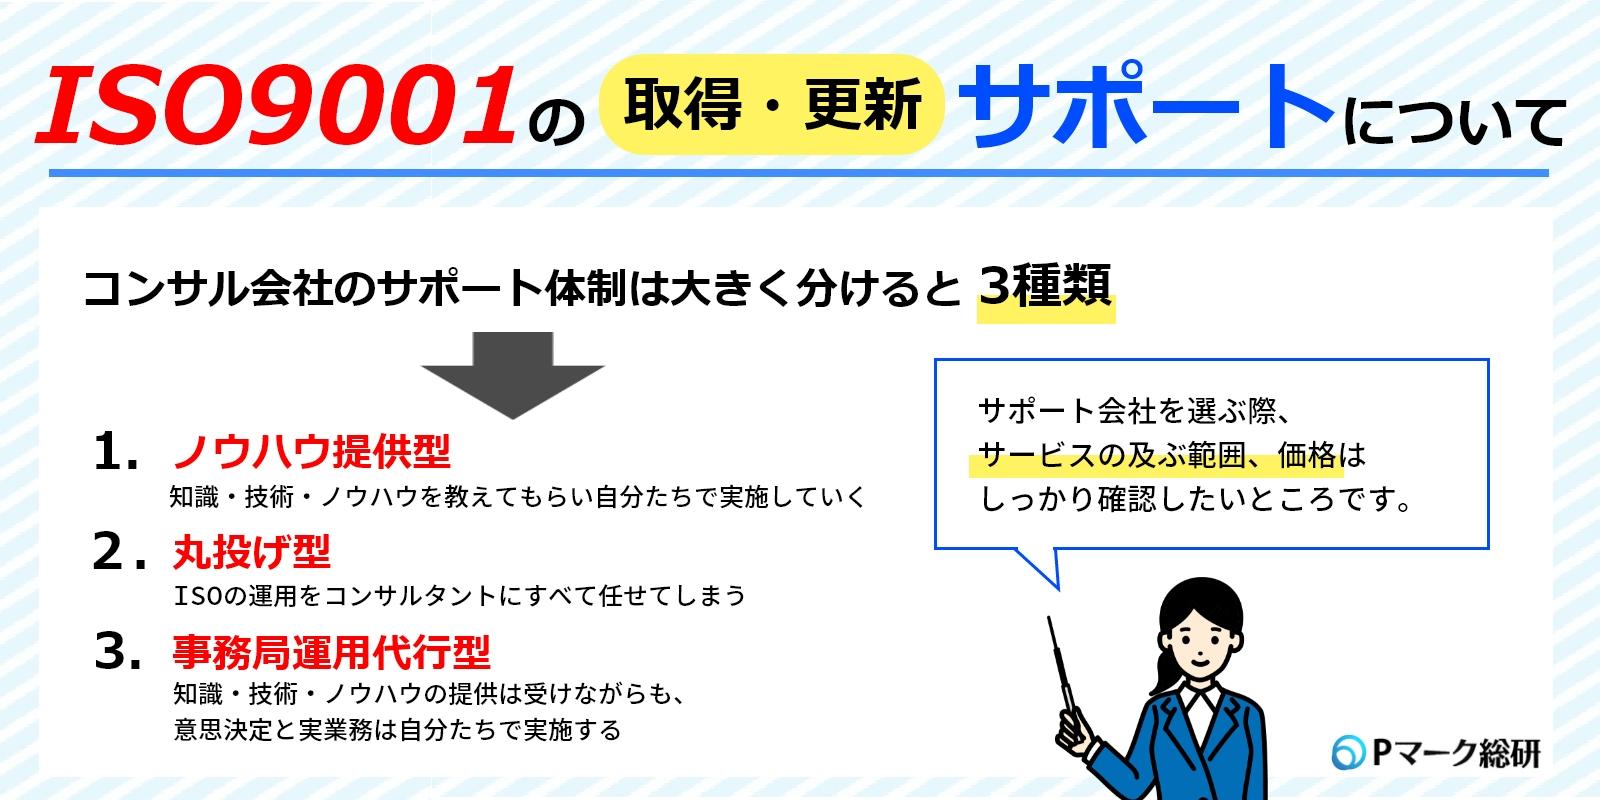 ISO9001取得更新サポート導入について